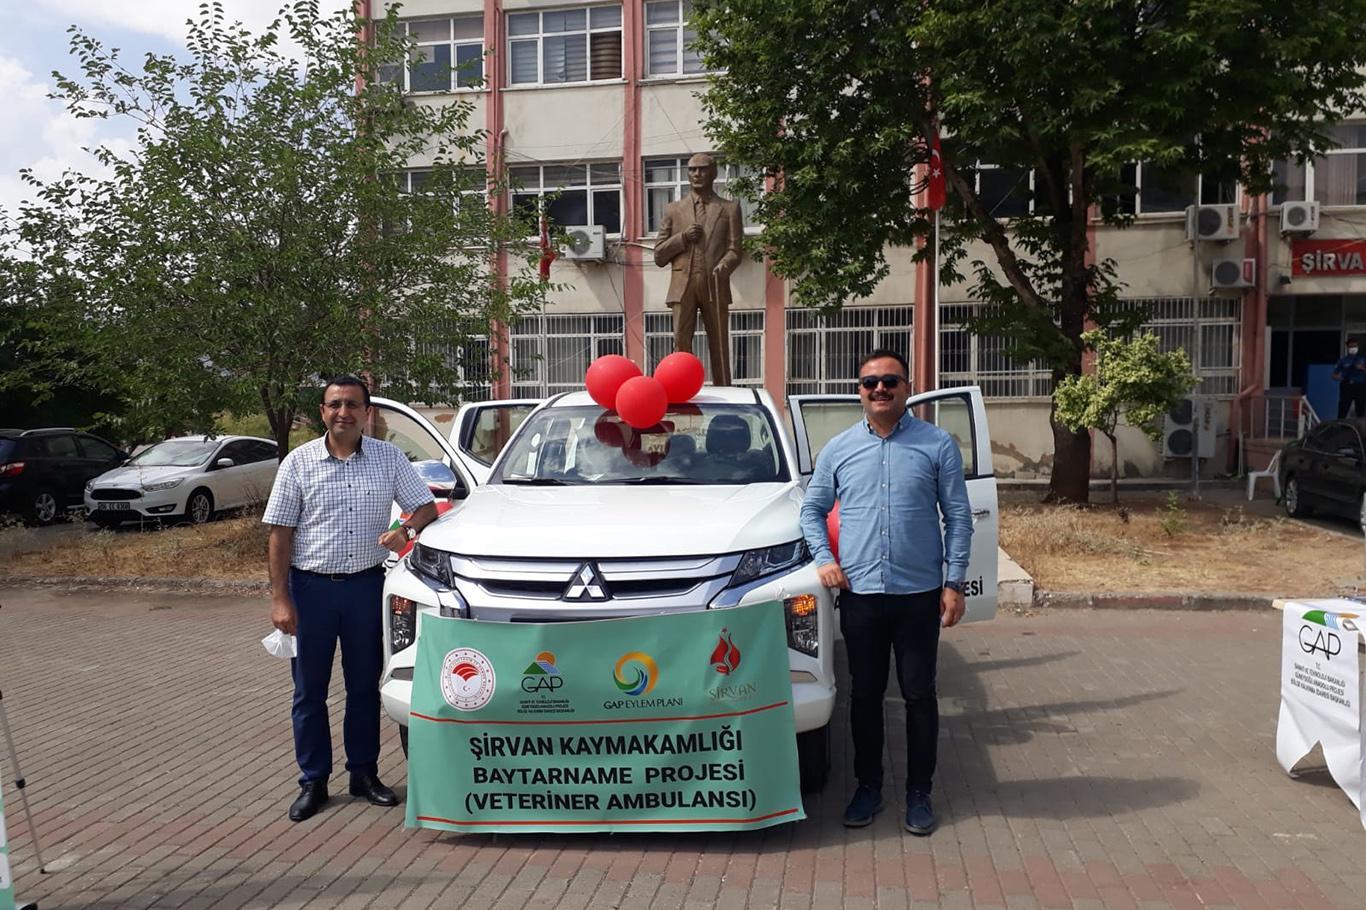 """Siirt'te """"Hayvan Ambulansı Projesi"""" tanıtımı yapıldı"""